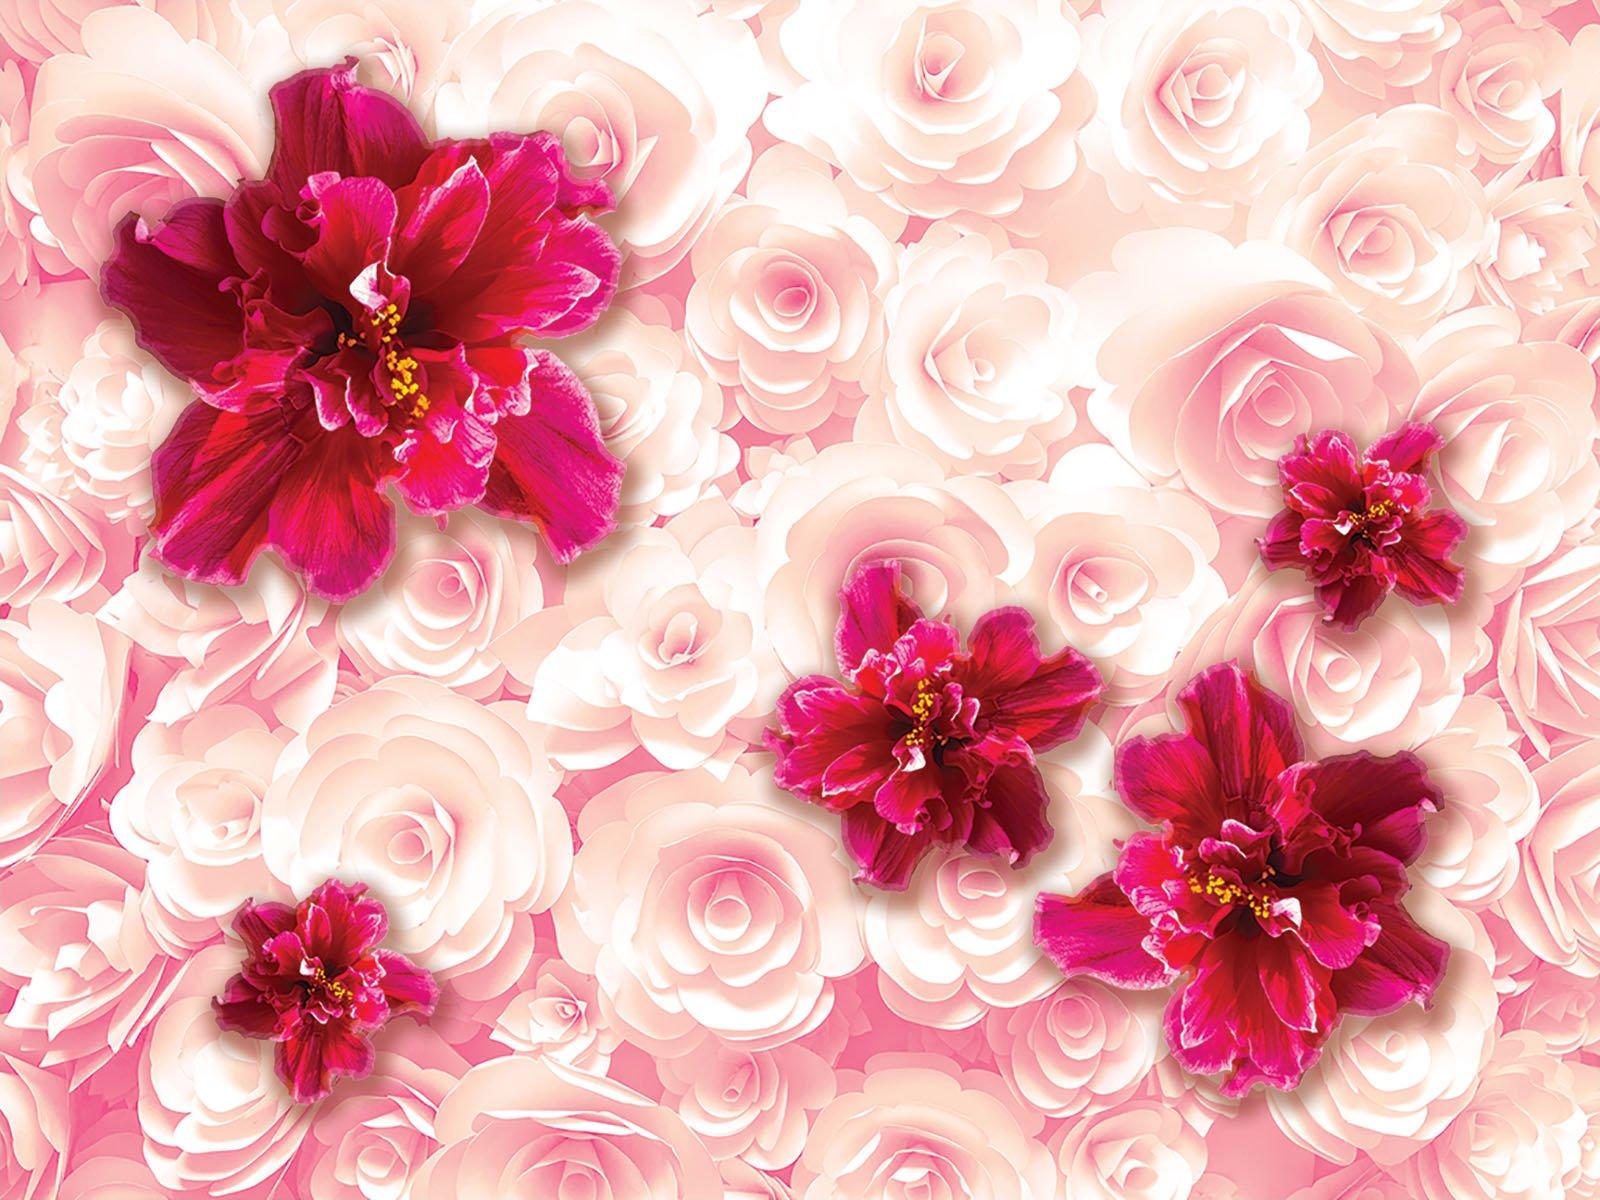 Картинки цветы розовые фон